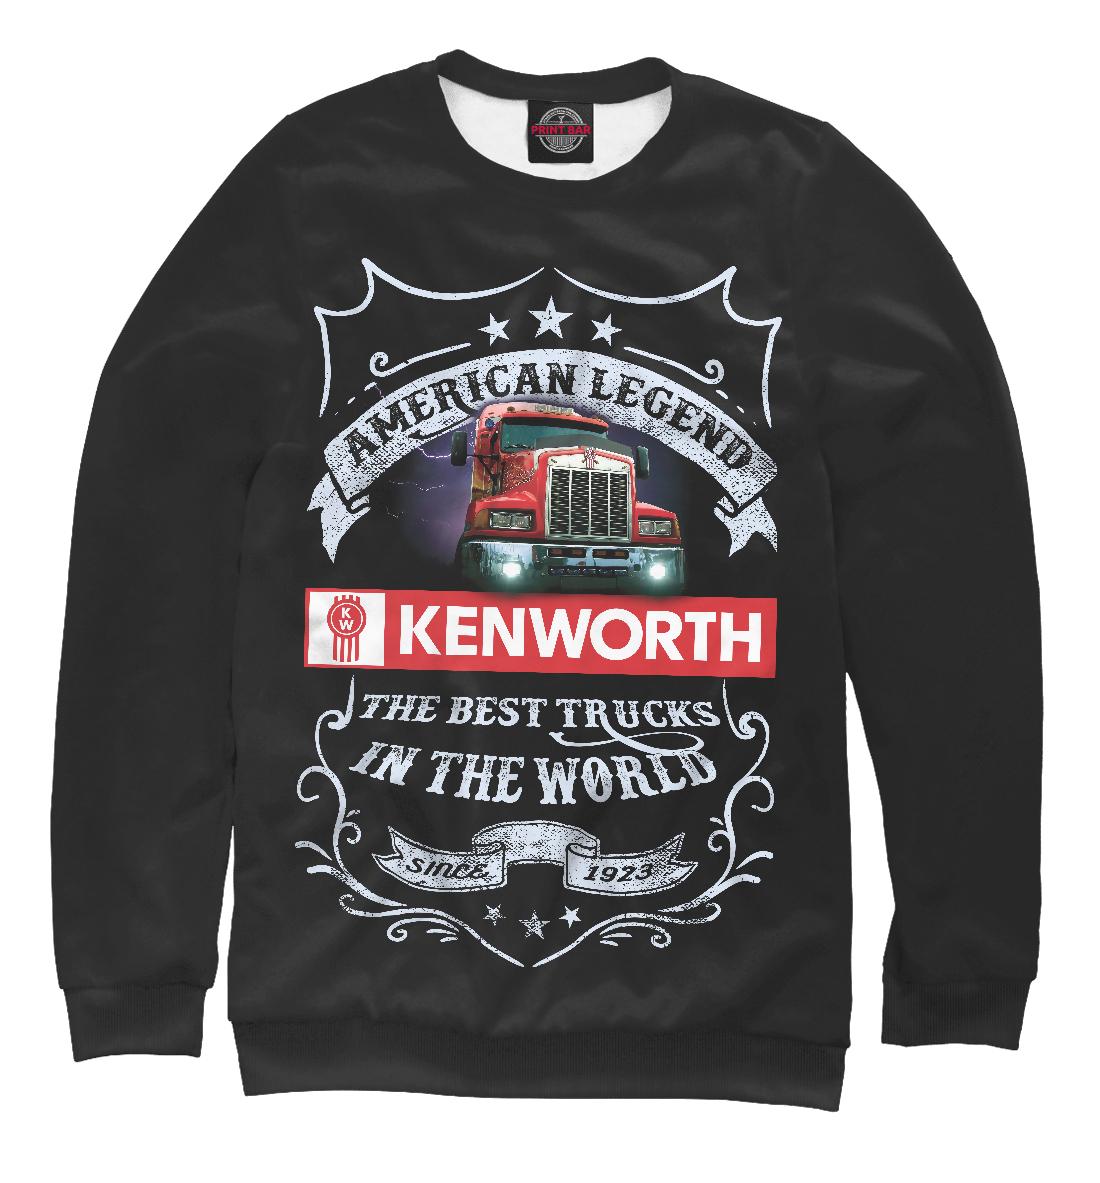 Купить KENWORTH - Американская легенда, Printbar, Свитшоты, GRZ-899292-swi-1